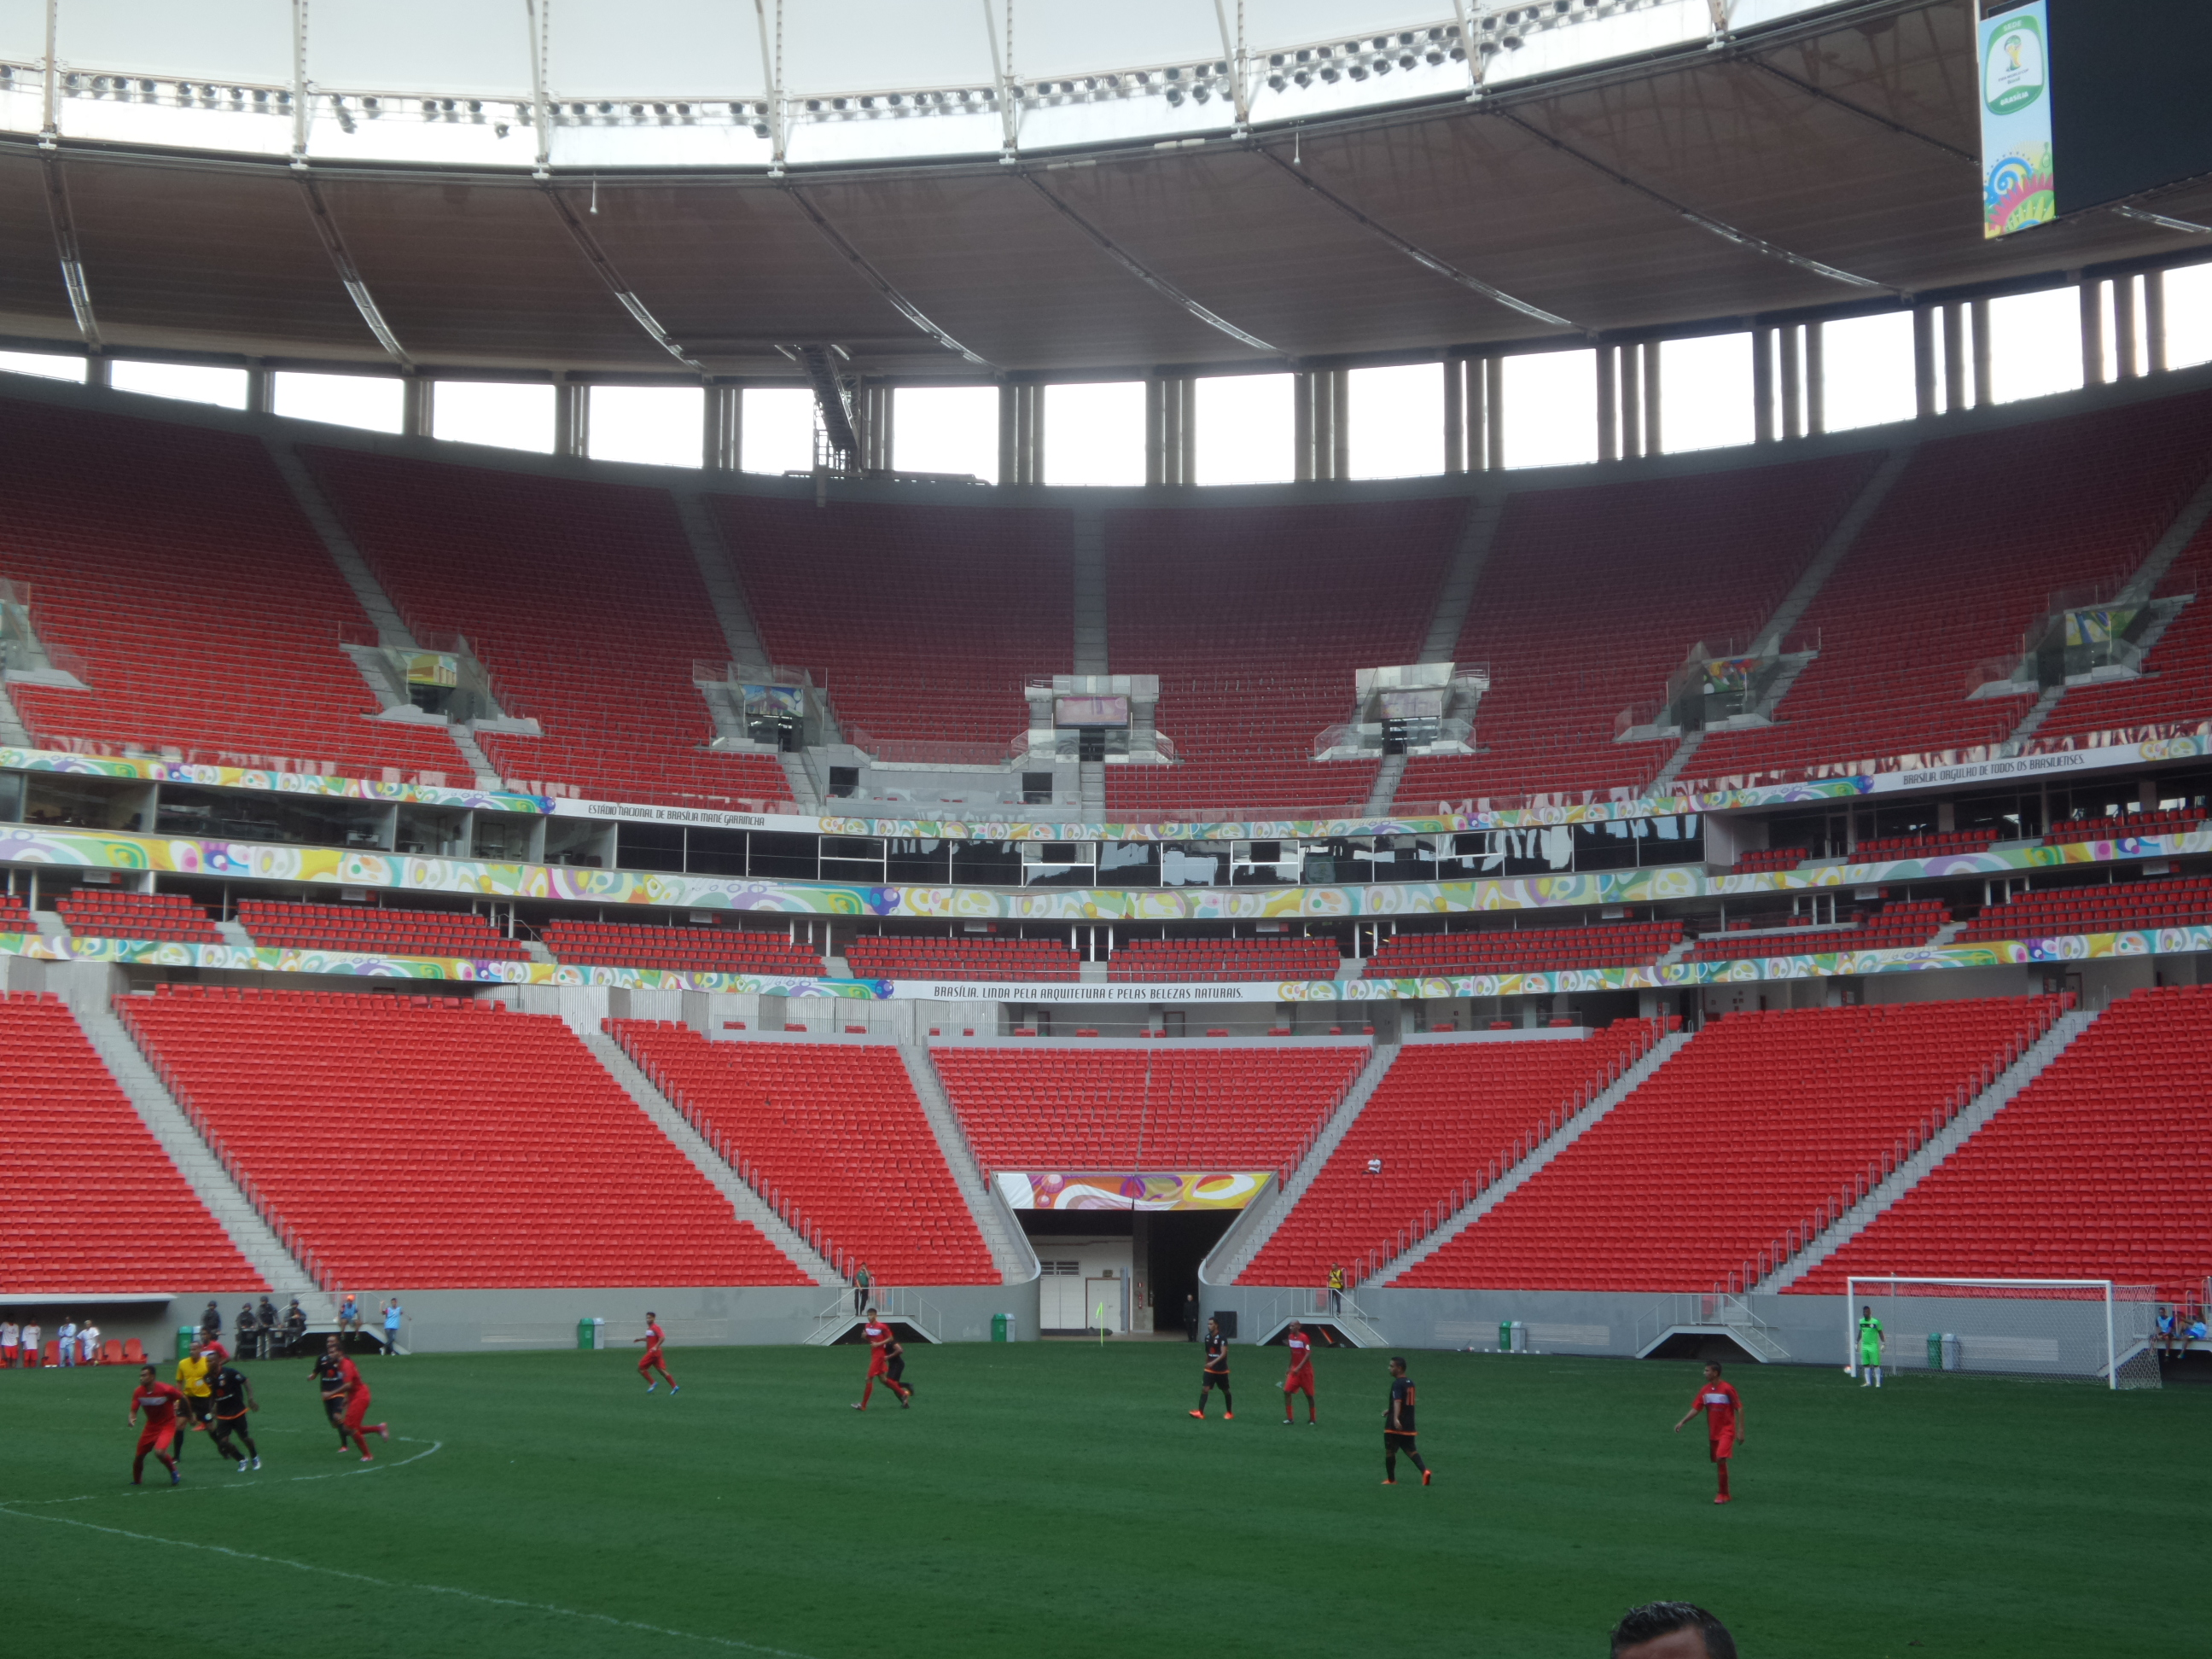 Meia-entrada estudantil dá direito aos assentos mais altos do Mané  Garrincha (crédito  Daniel Brito UOL) 681faecfc6f5d